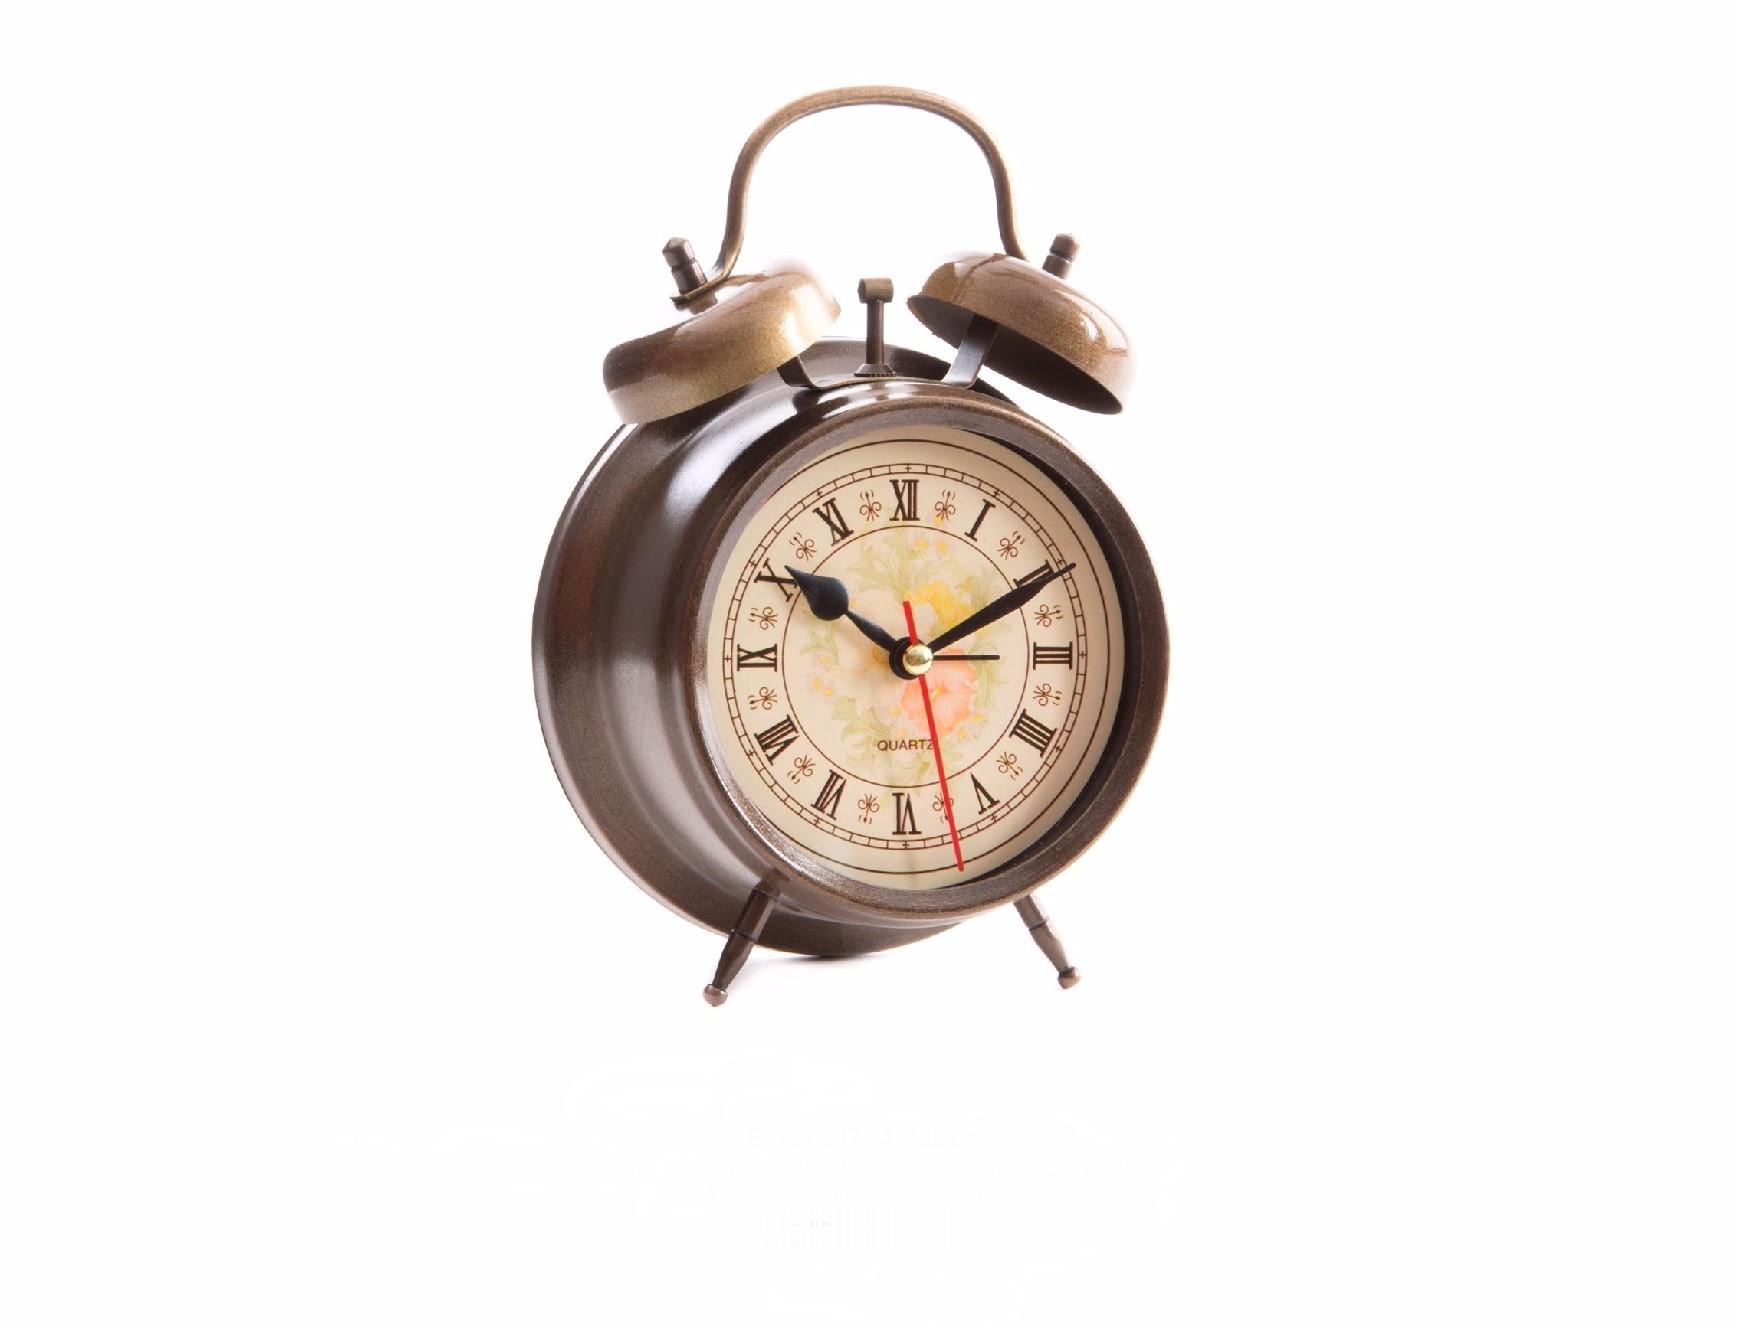 Reloj despertador en metal (11.8x5.7x17 cm). Color dorado